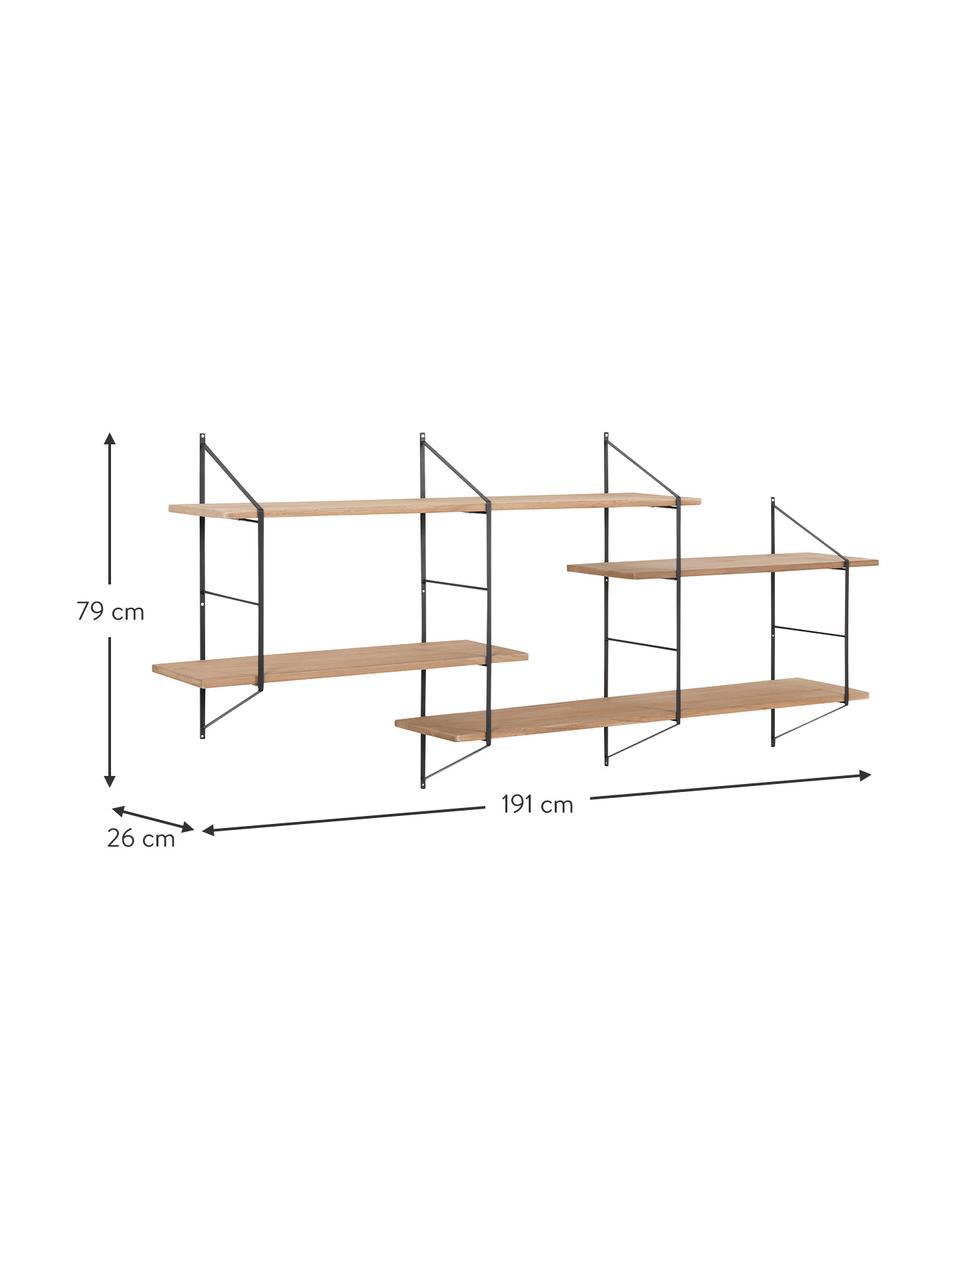 Libreria da parete in legno e metallo Belfast, Struttura: metallo verniciato a polv, Mensole: legno di paulownia, tinto, Nero, marrone chiaro, Larg. 191 x Alt. 79 cm